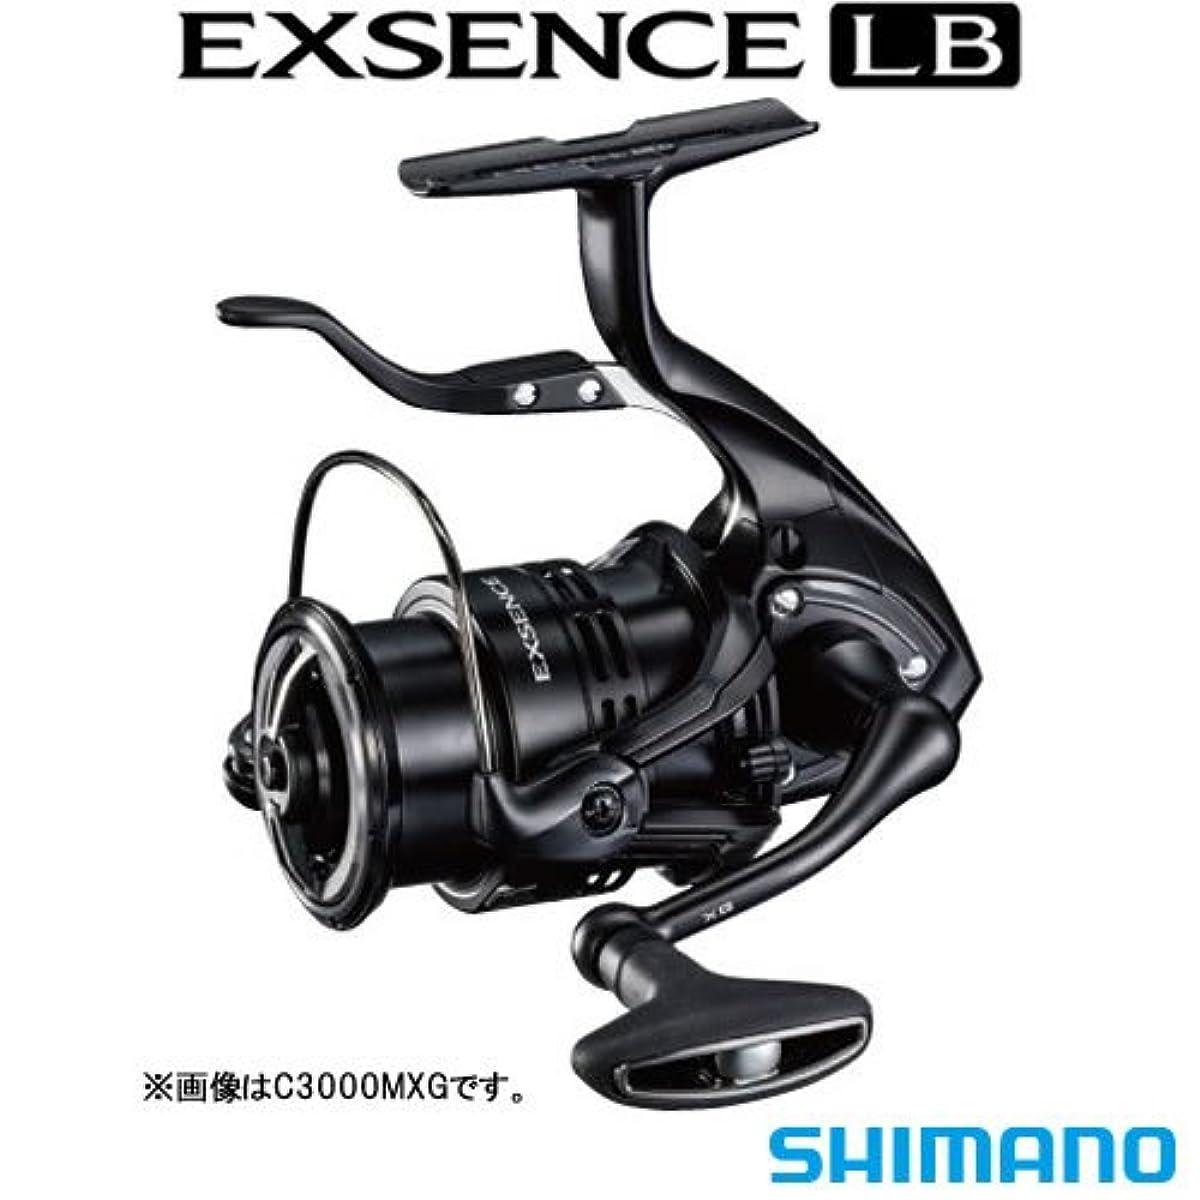 [해외] 당일발송 시마노 16 엑센스LB C3000MPG 레버 브레이크 스피닝 릴